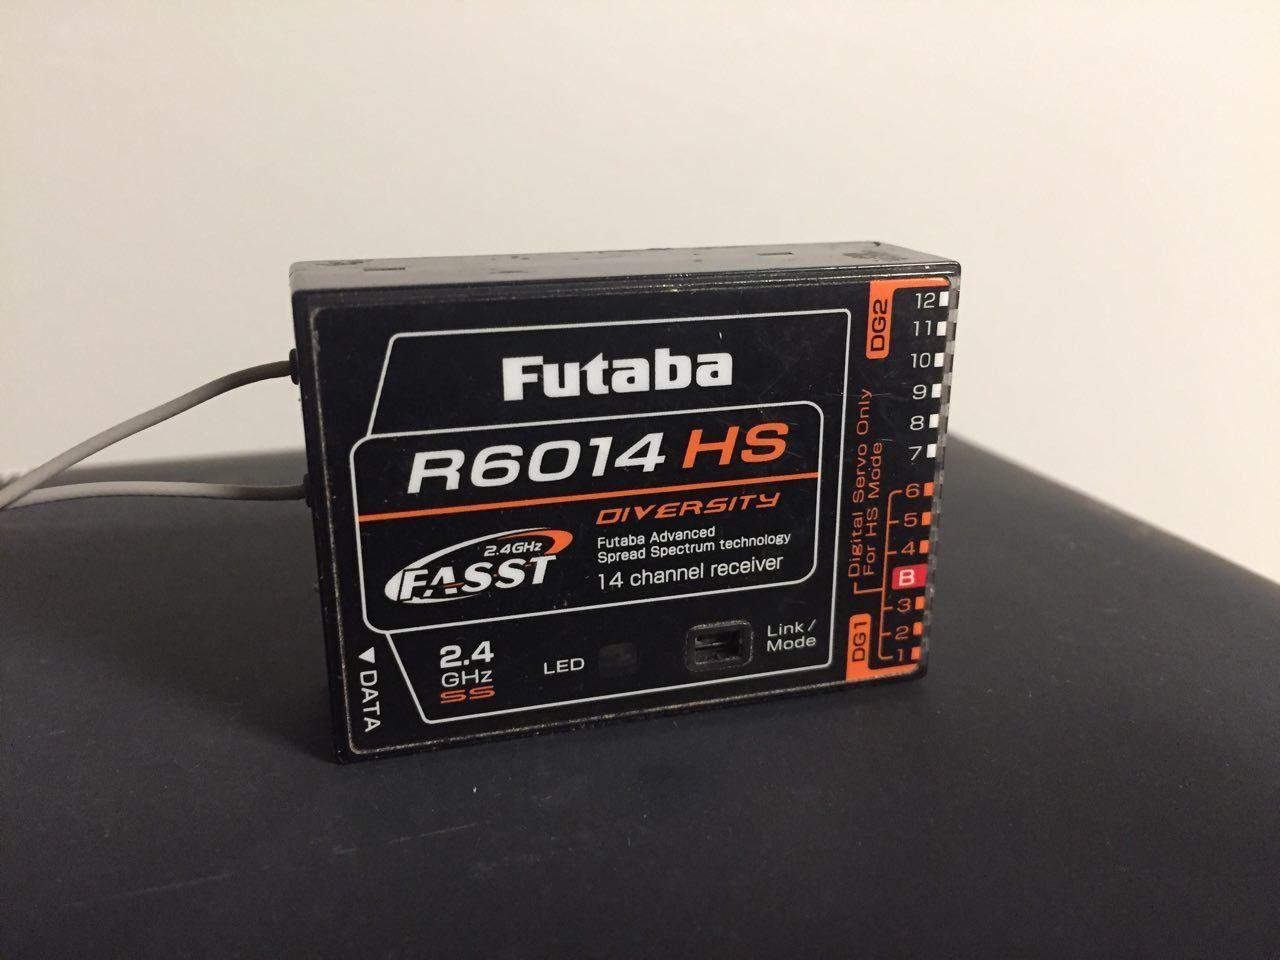 Futaba R6014 HS - Radio controller receiver, fpv, rc, FASST 2.4 Ghz